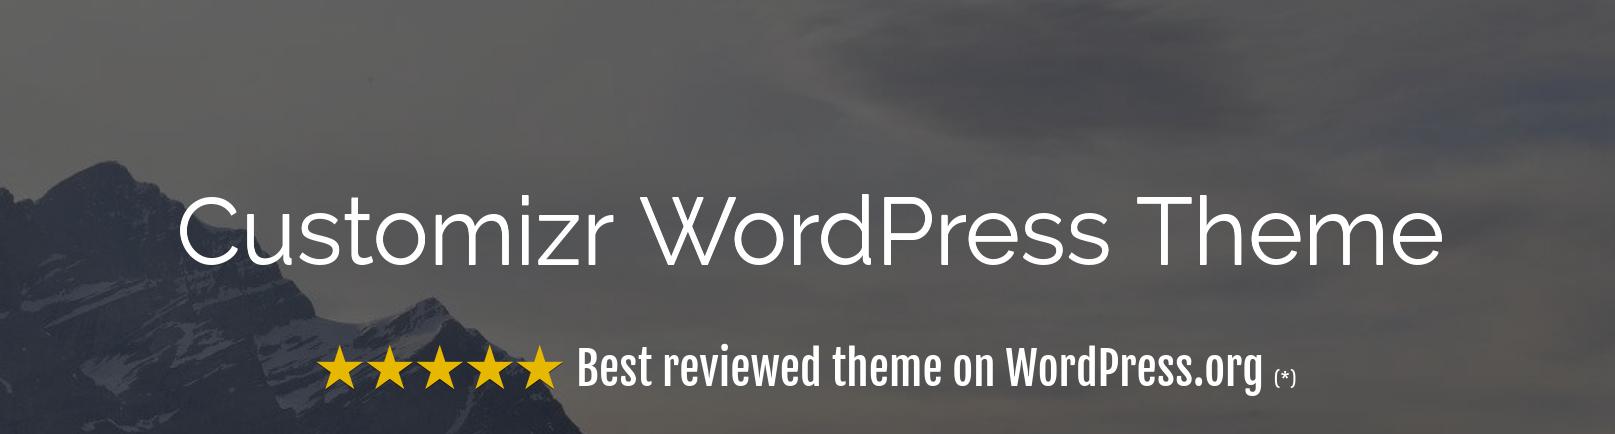 Customizr Review